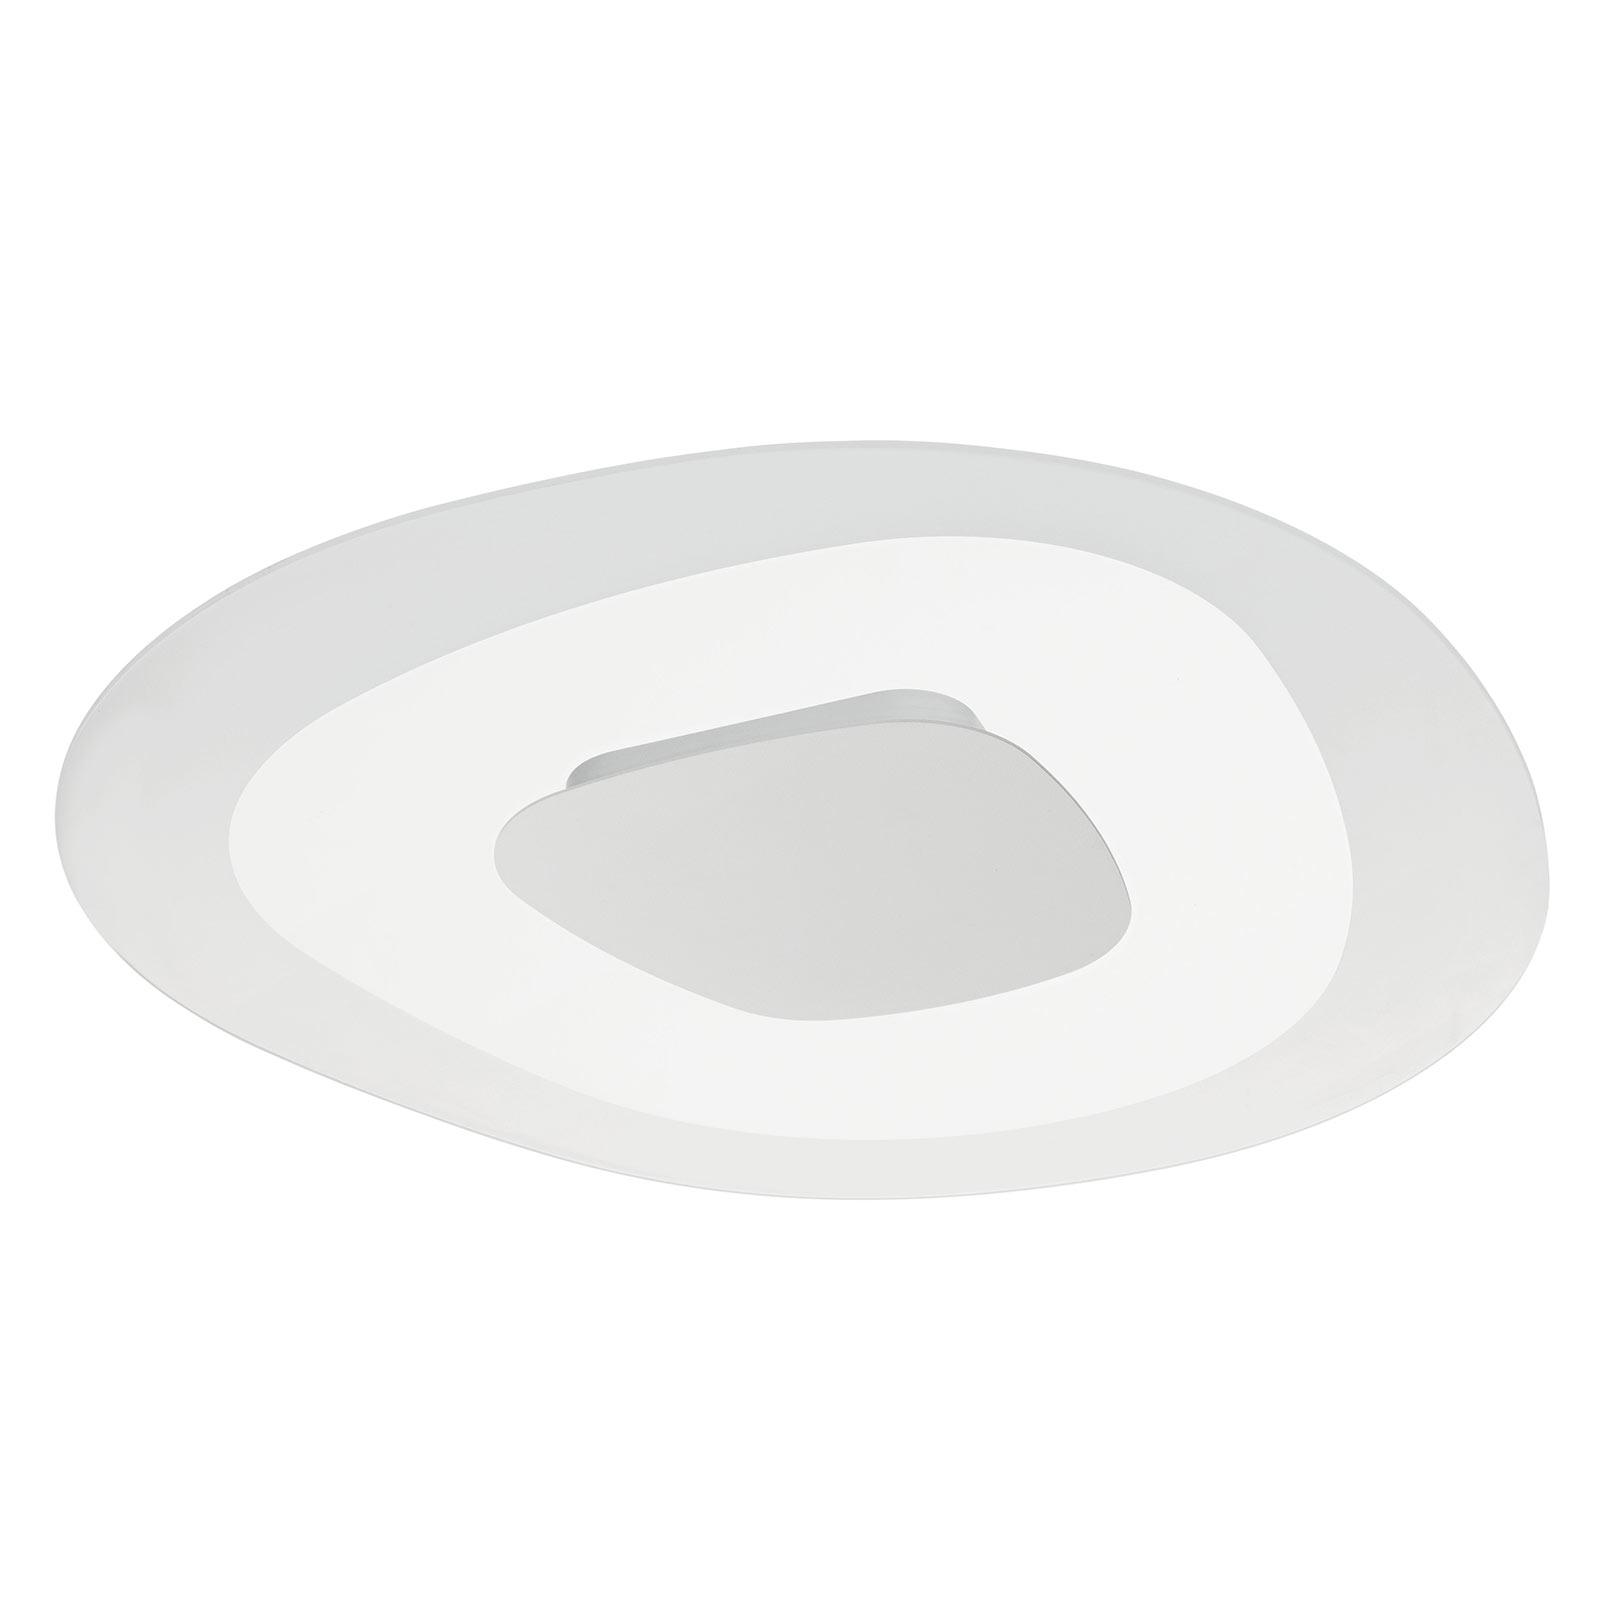 Lampa sufitowa LED Antigua S, 61 cm